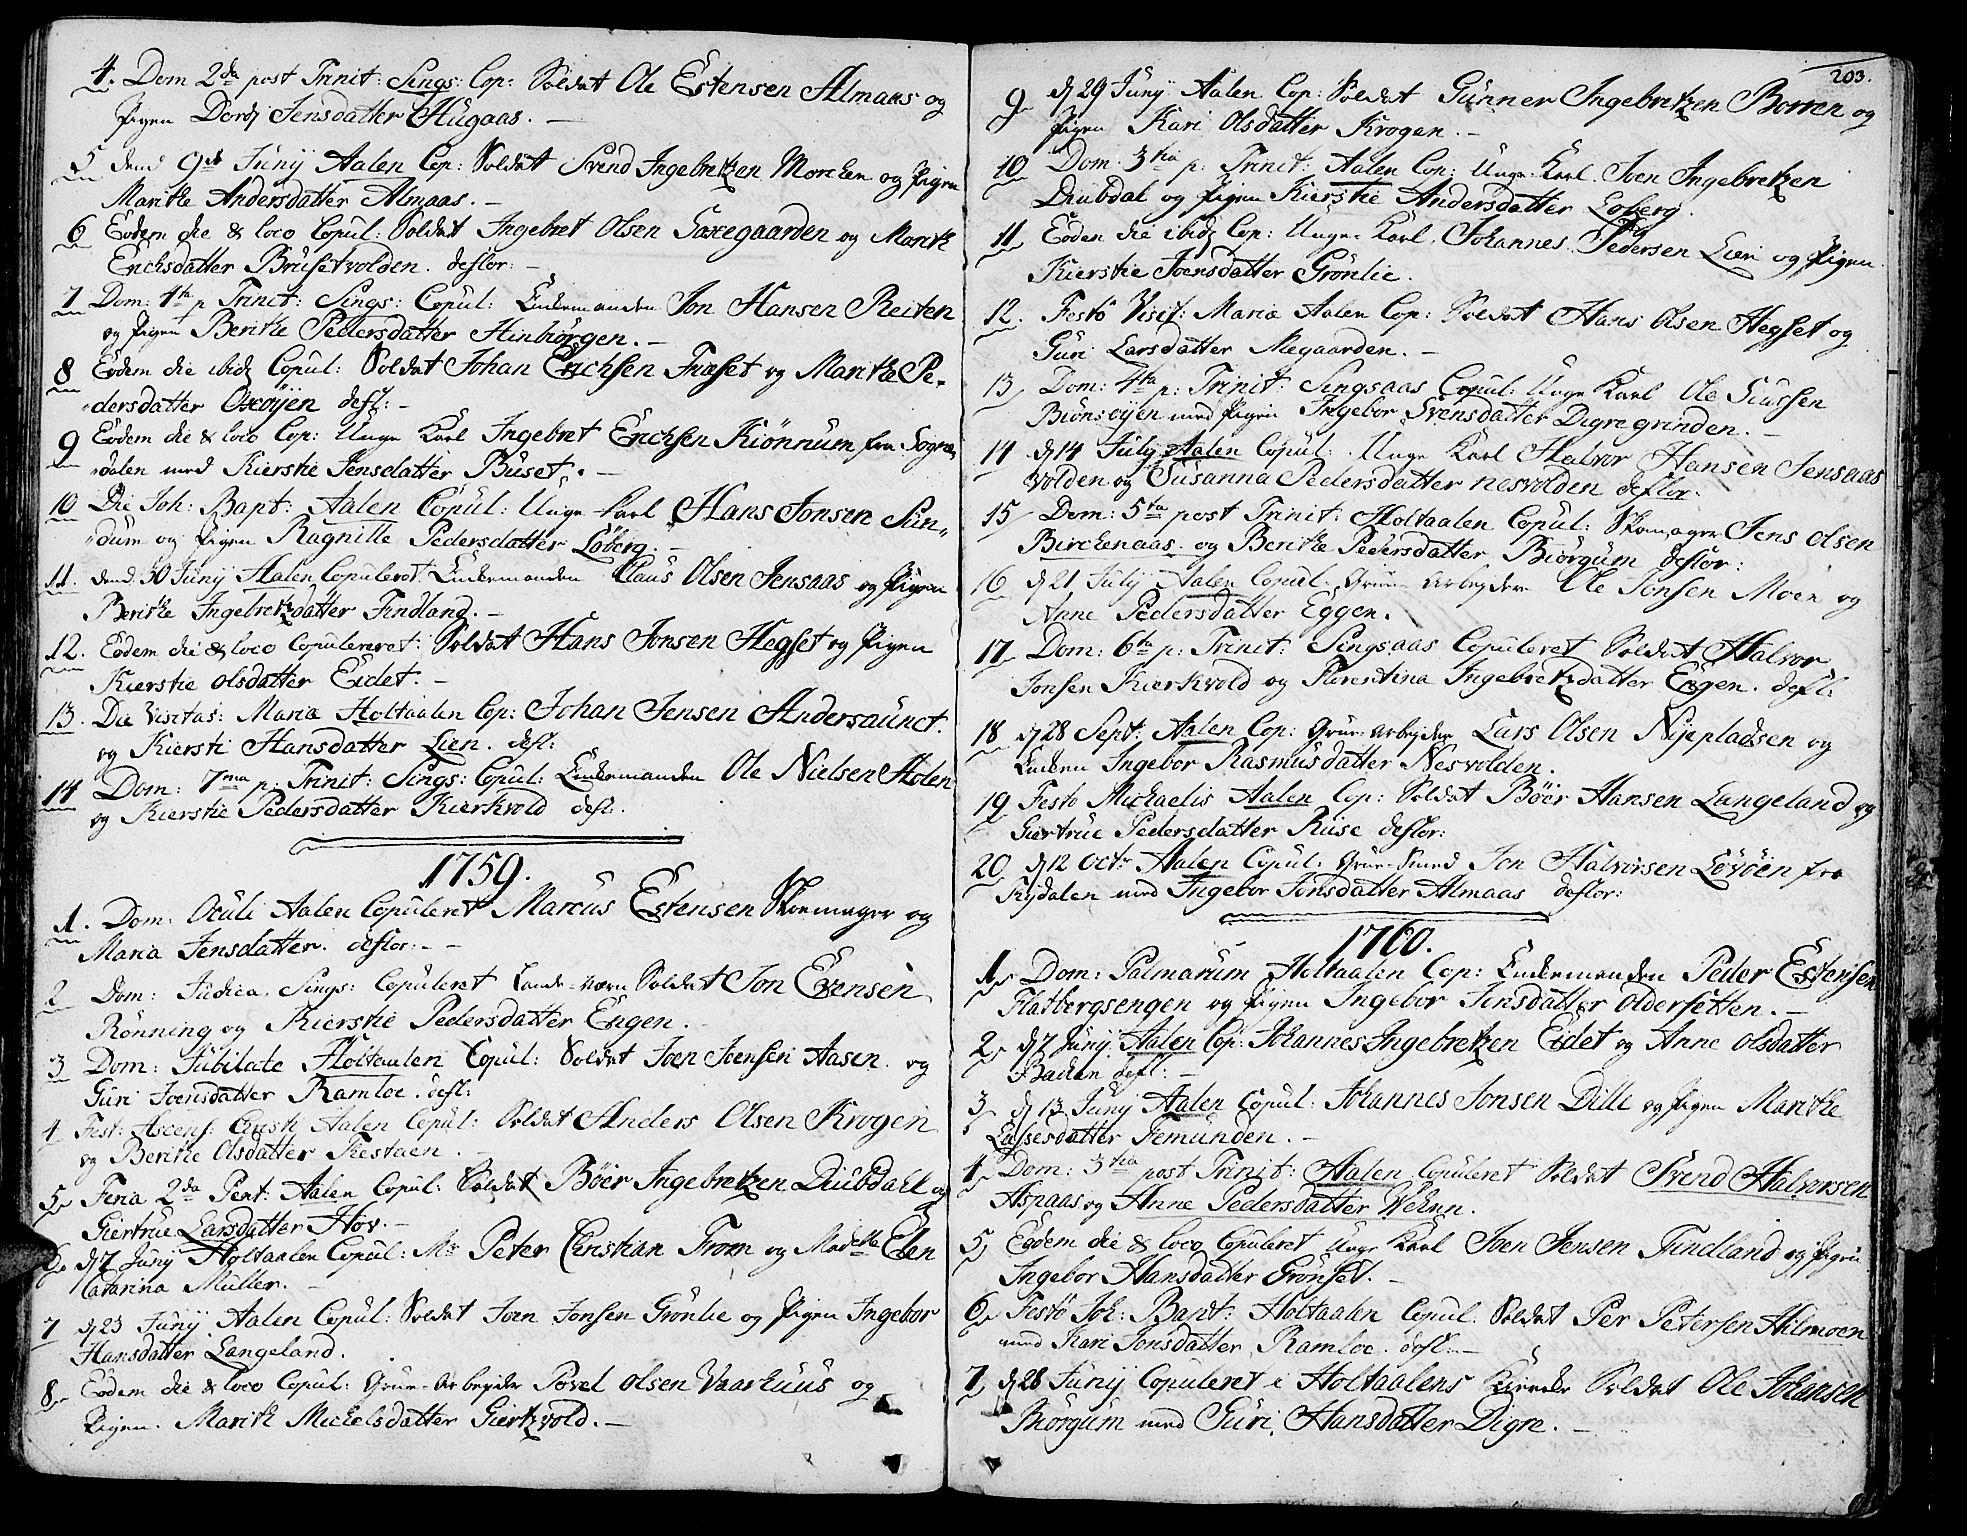 SAT, Ministerialprotokoller, klokkerbøker og fødselsregistre - Sør-Trøndelag, 685/L0952: Ministerialbok nr. 685A01, 1745-1804, s. 203